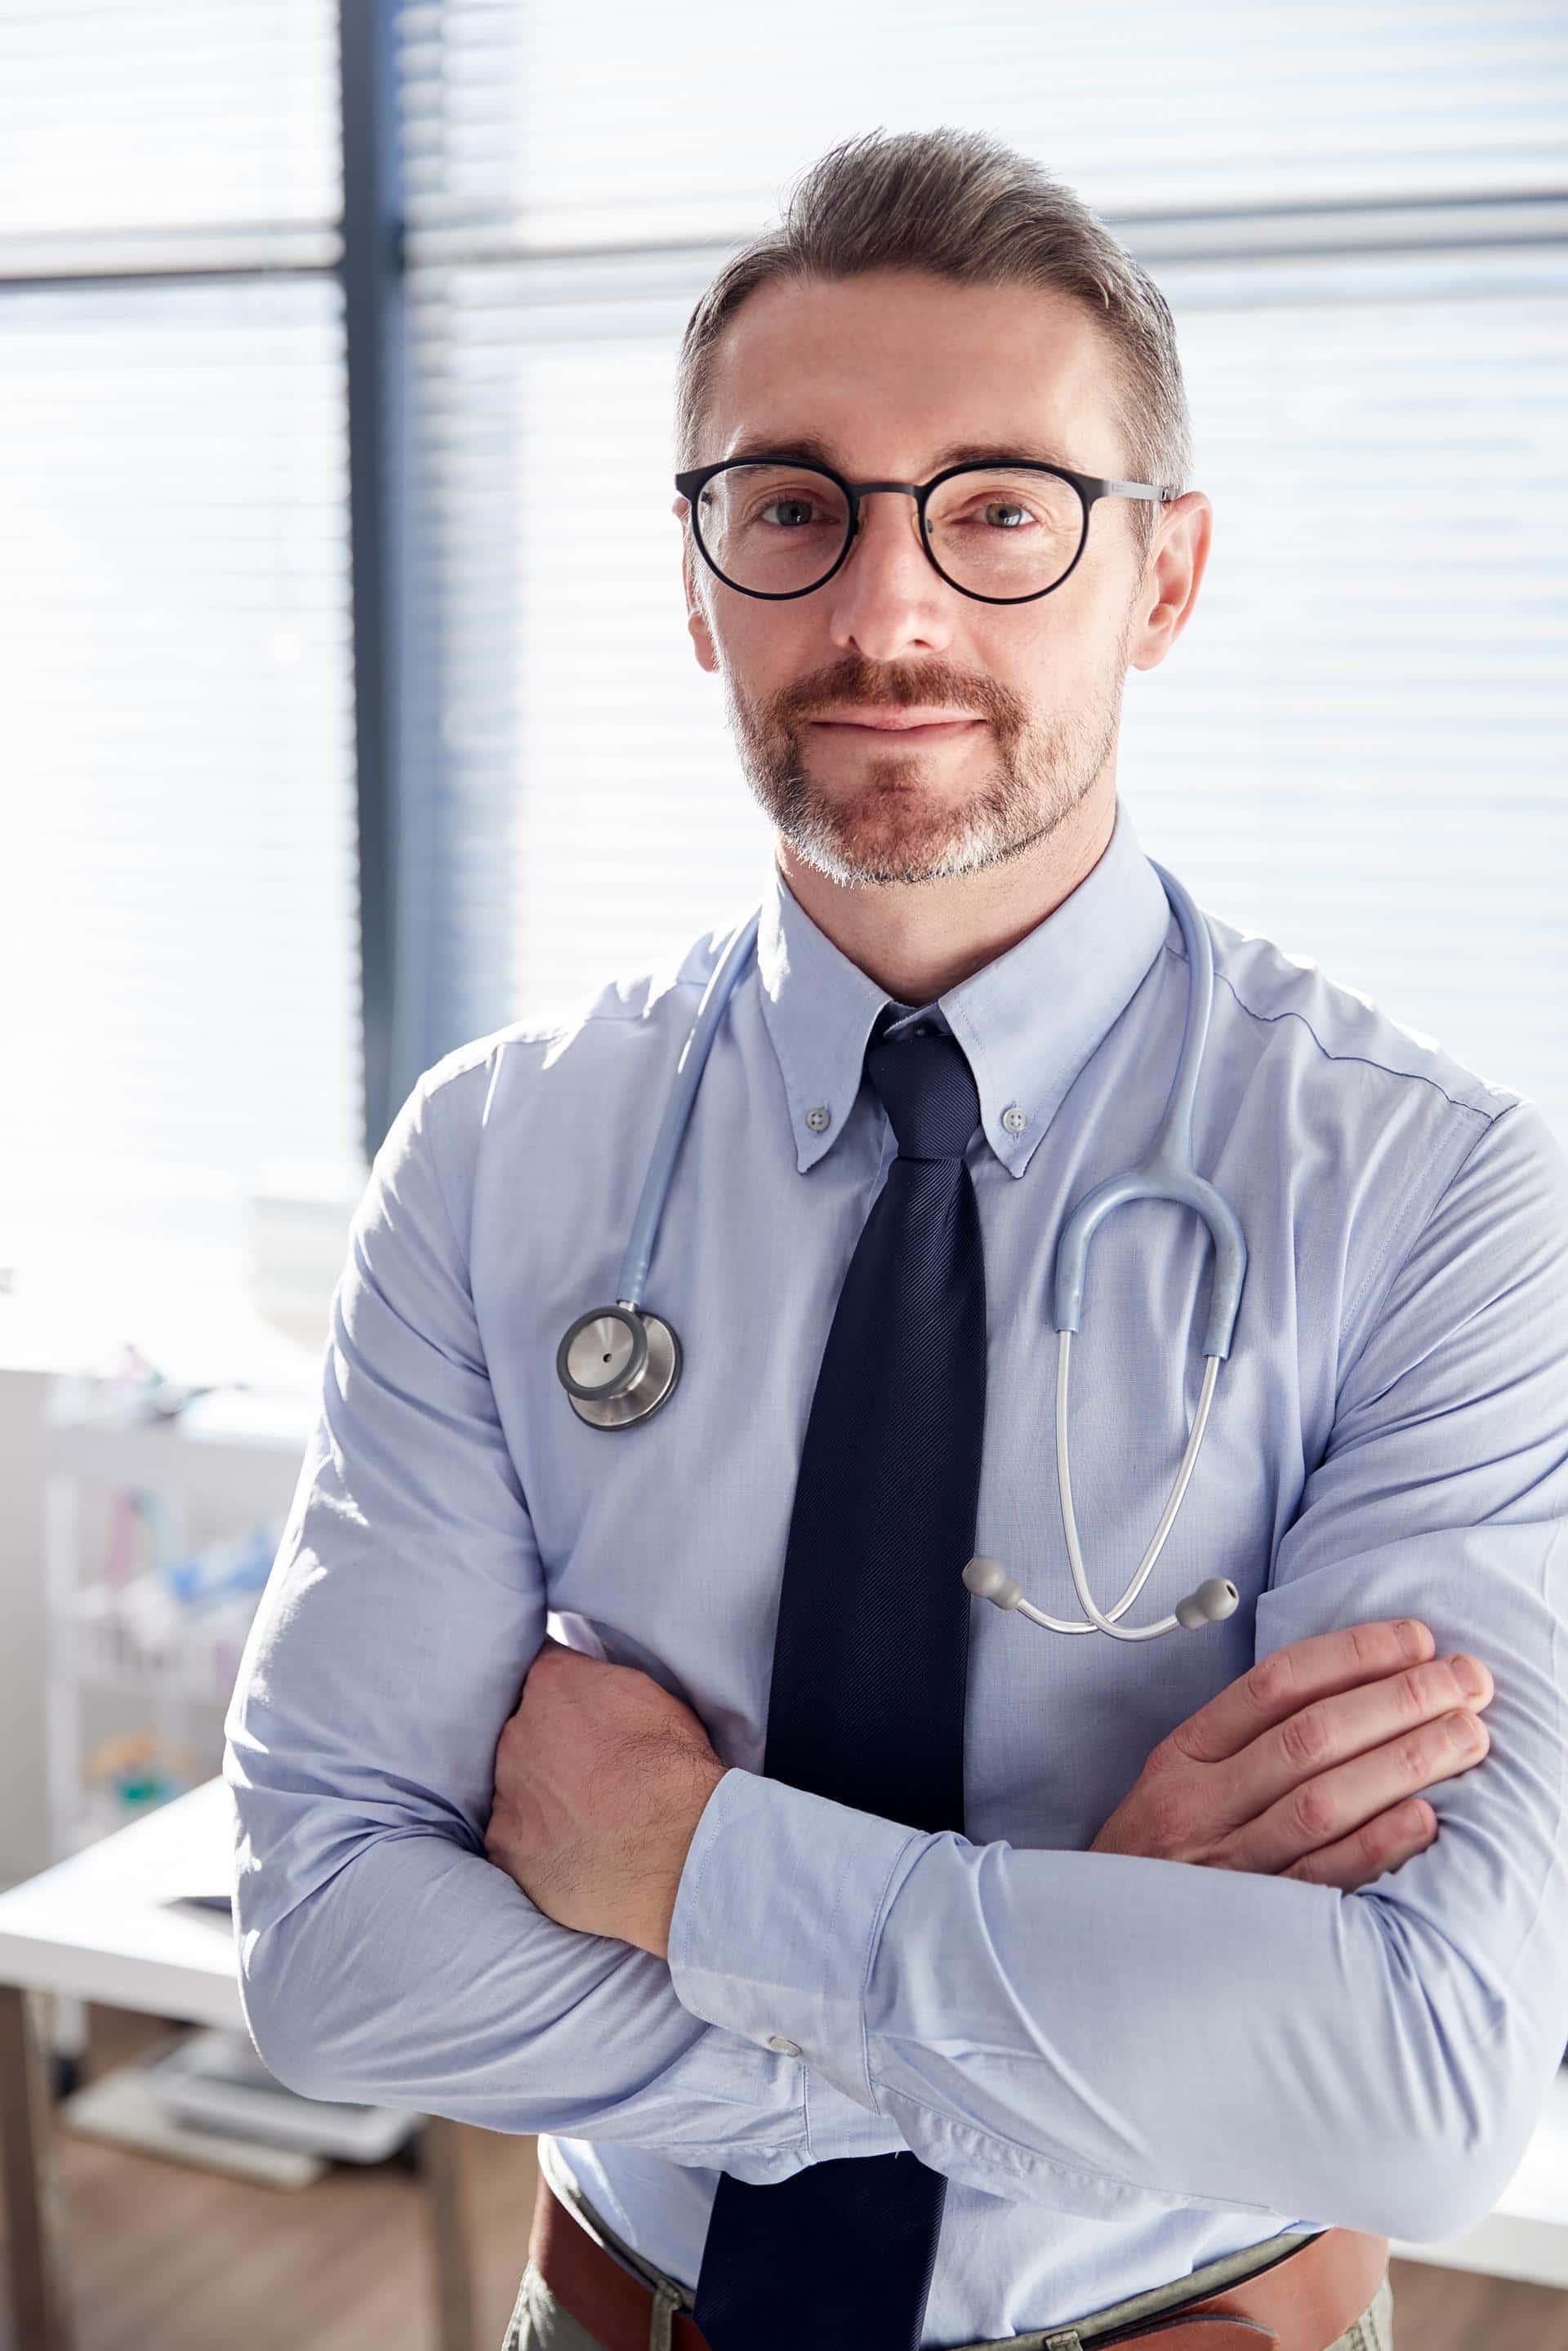 Meet Dr. Owen